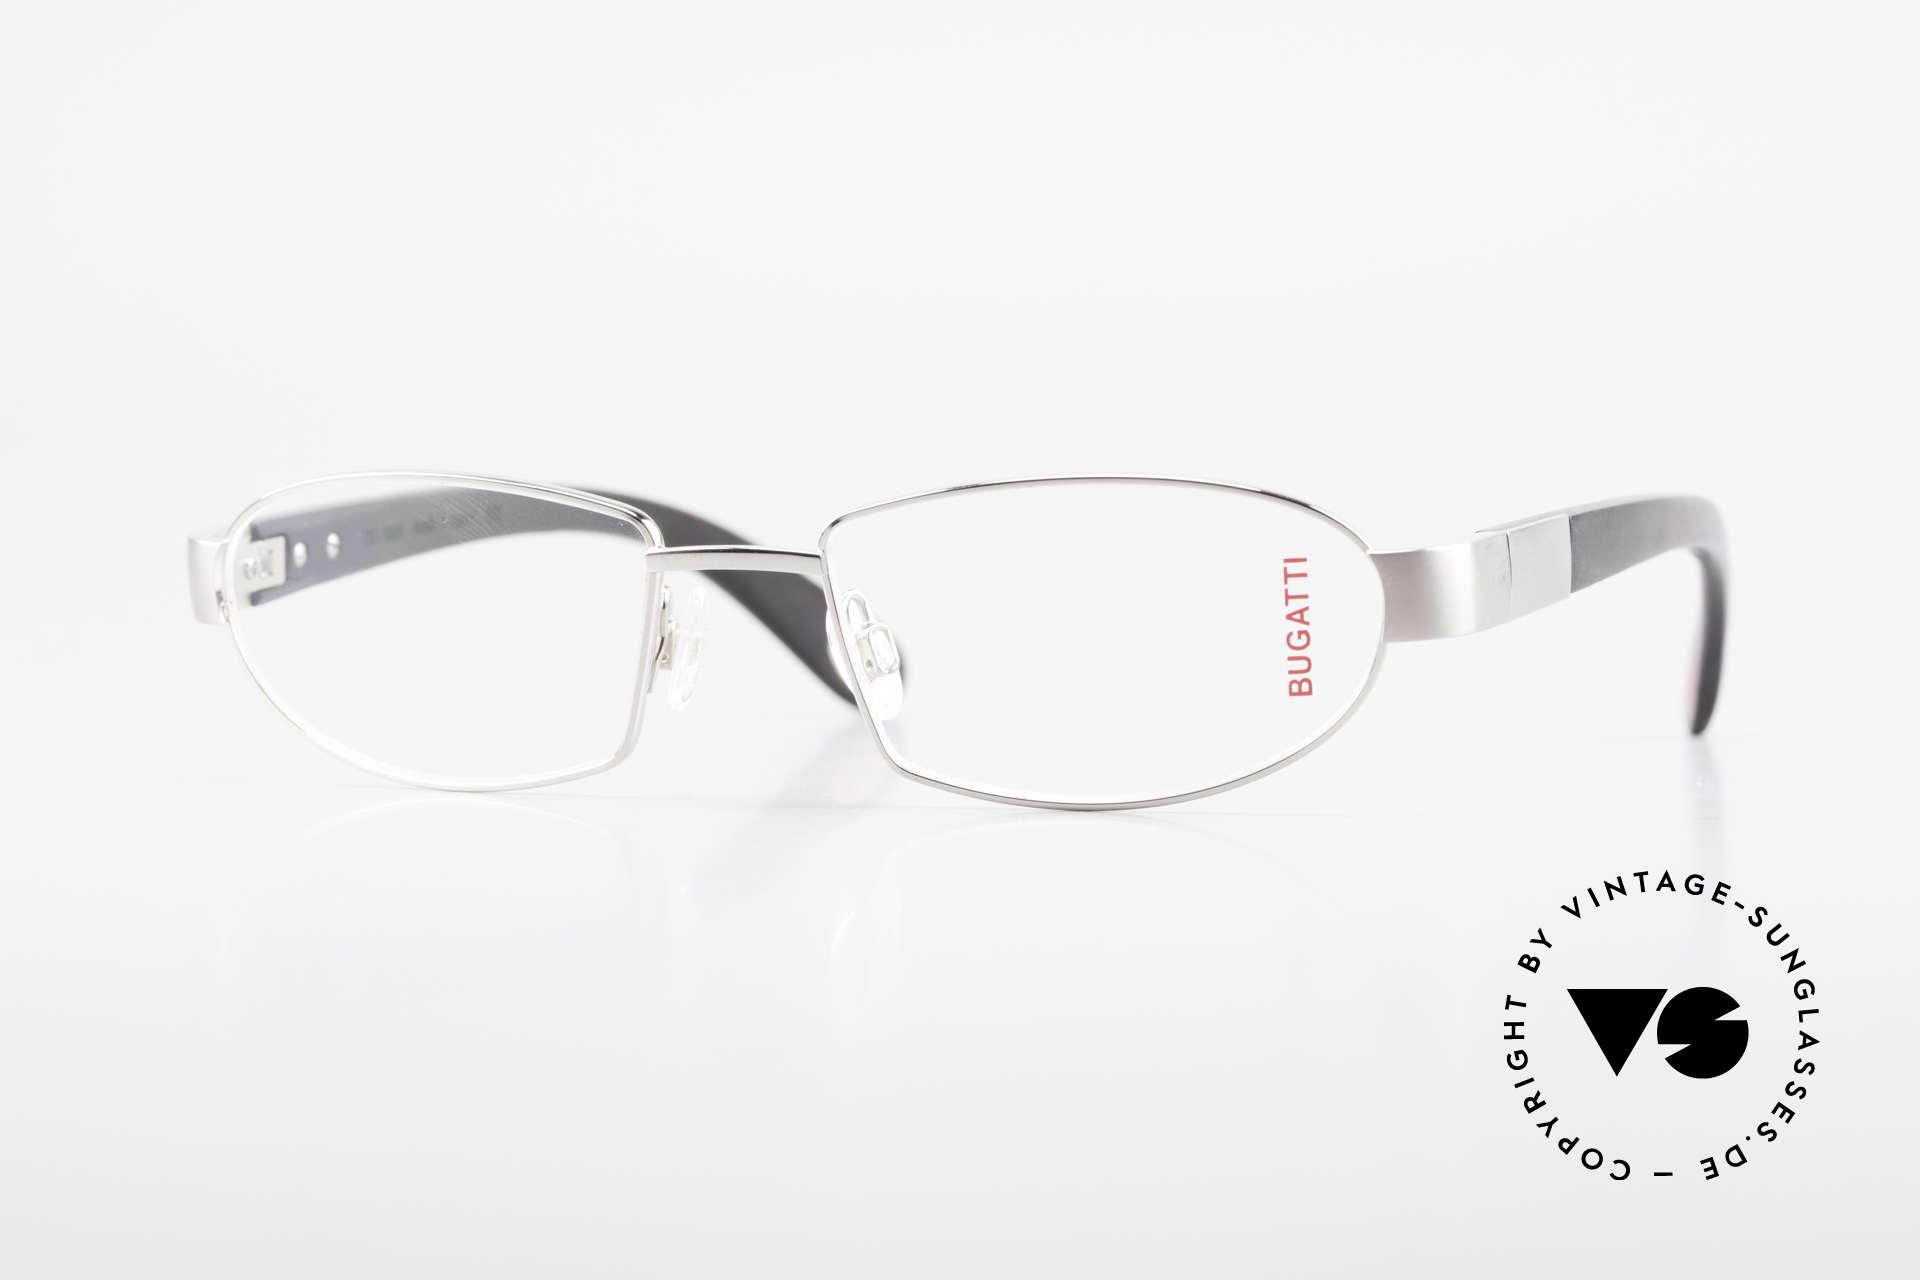 Bugatti 530 Ebony Titan Palladium Frame, luxury eyeglasses by BUGATTI, TOP-NOTCH quality, Made for Men